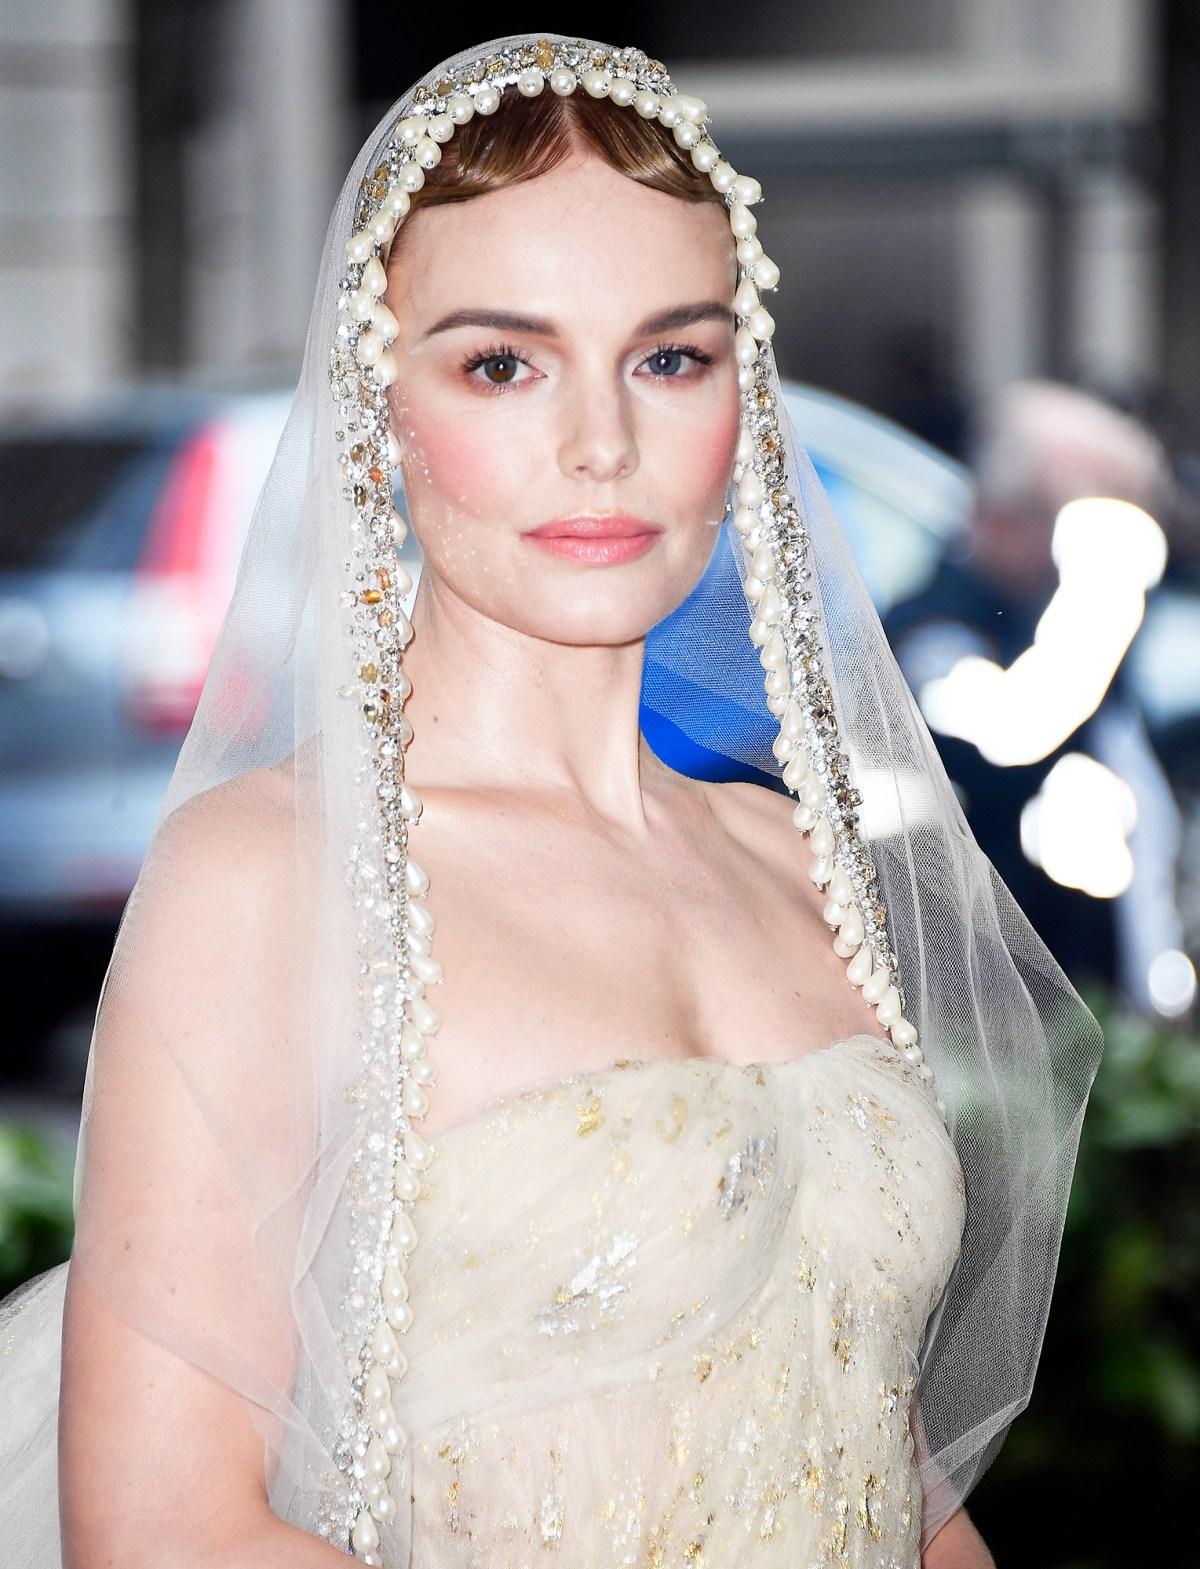 Met Gala 2018 10 Best Beauty Looks: Details